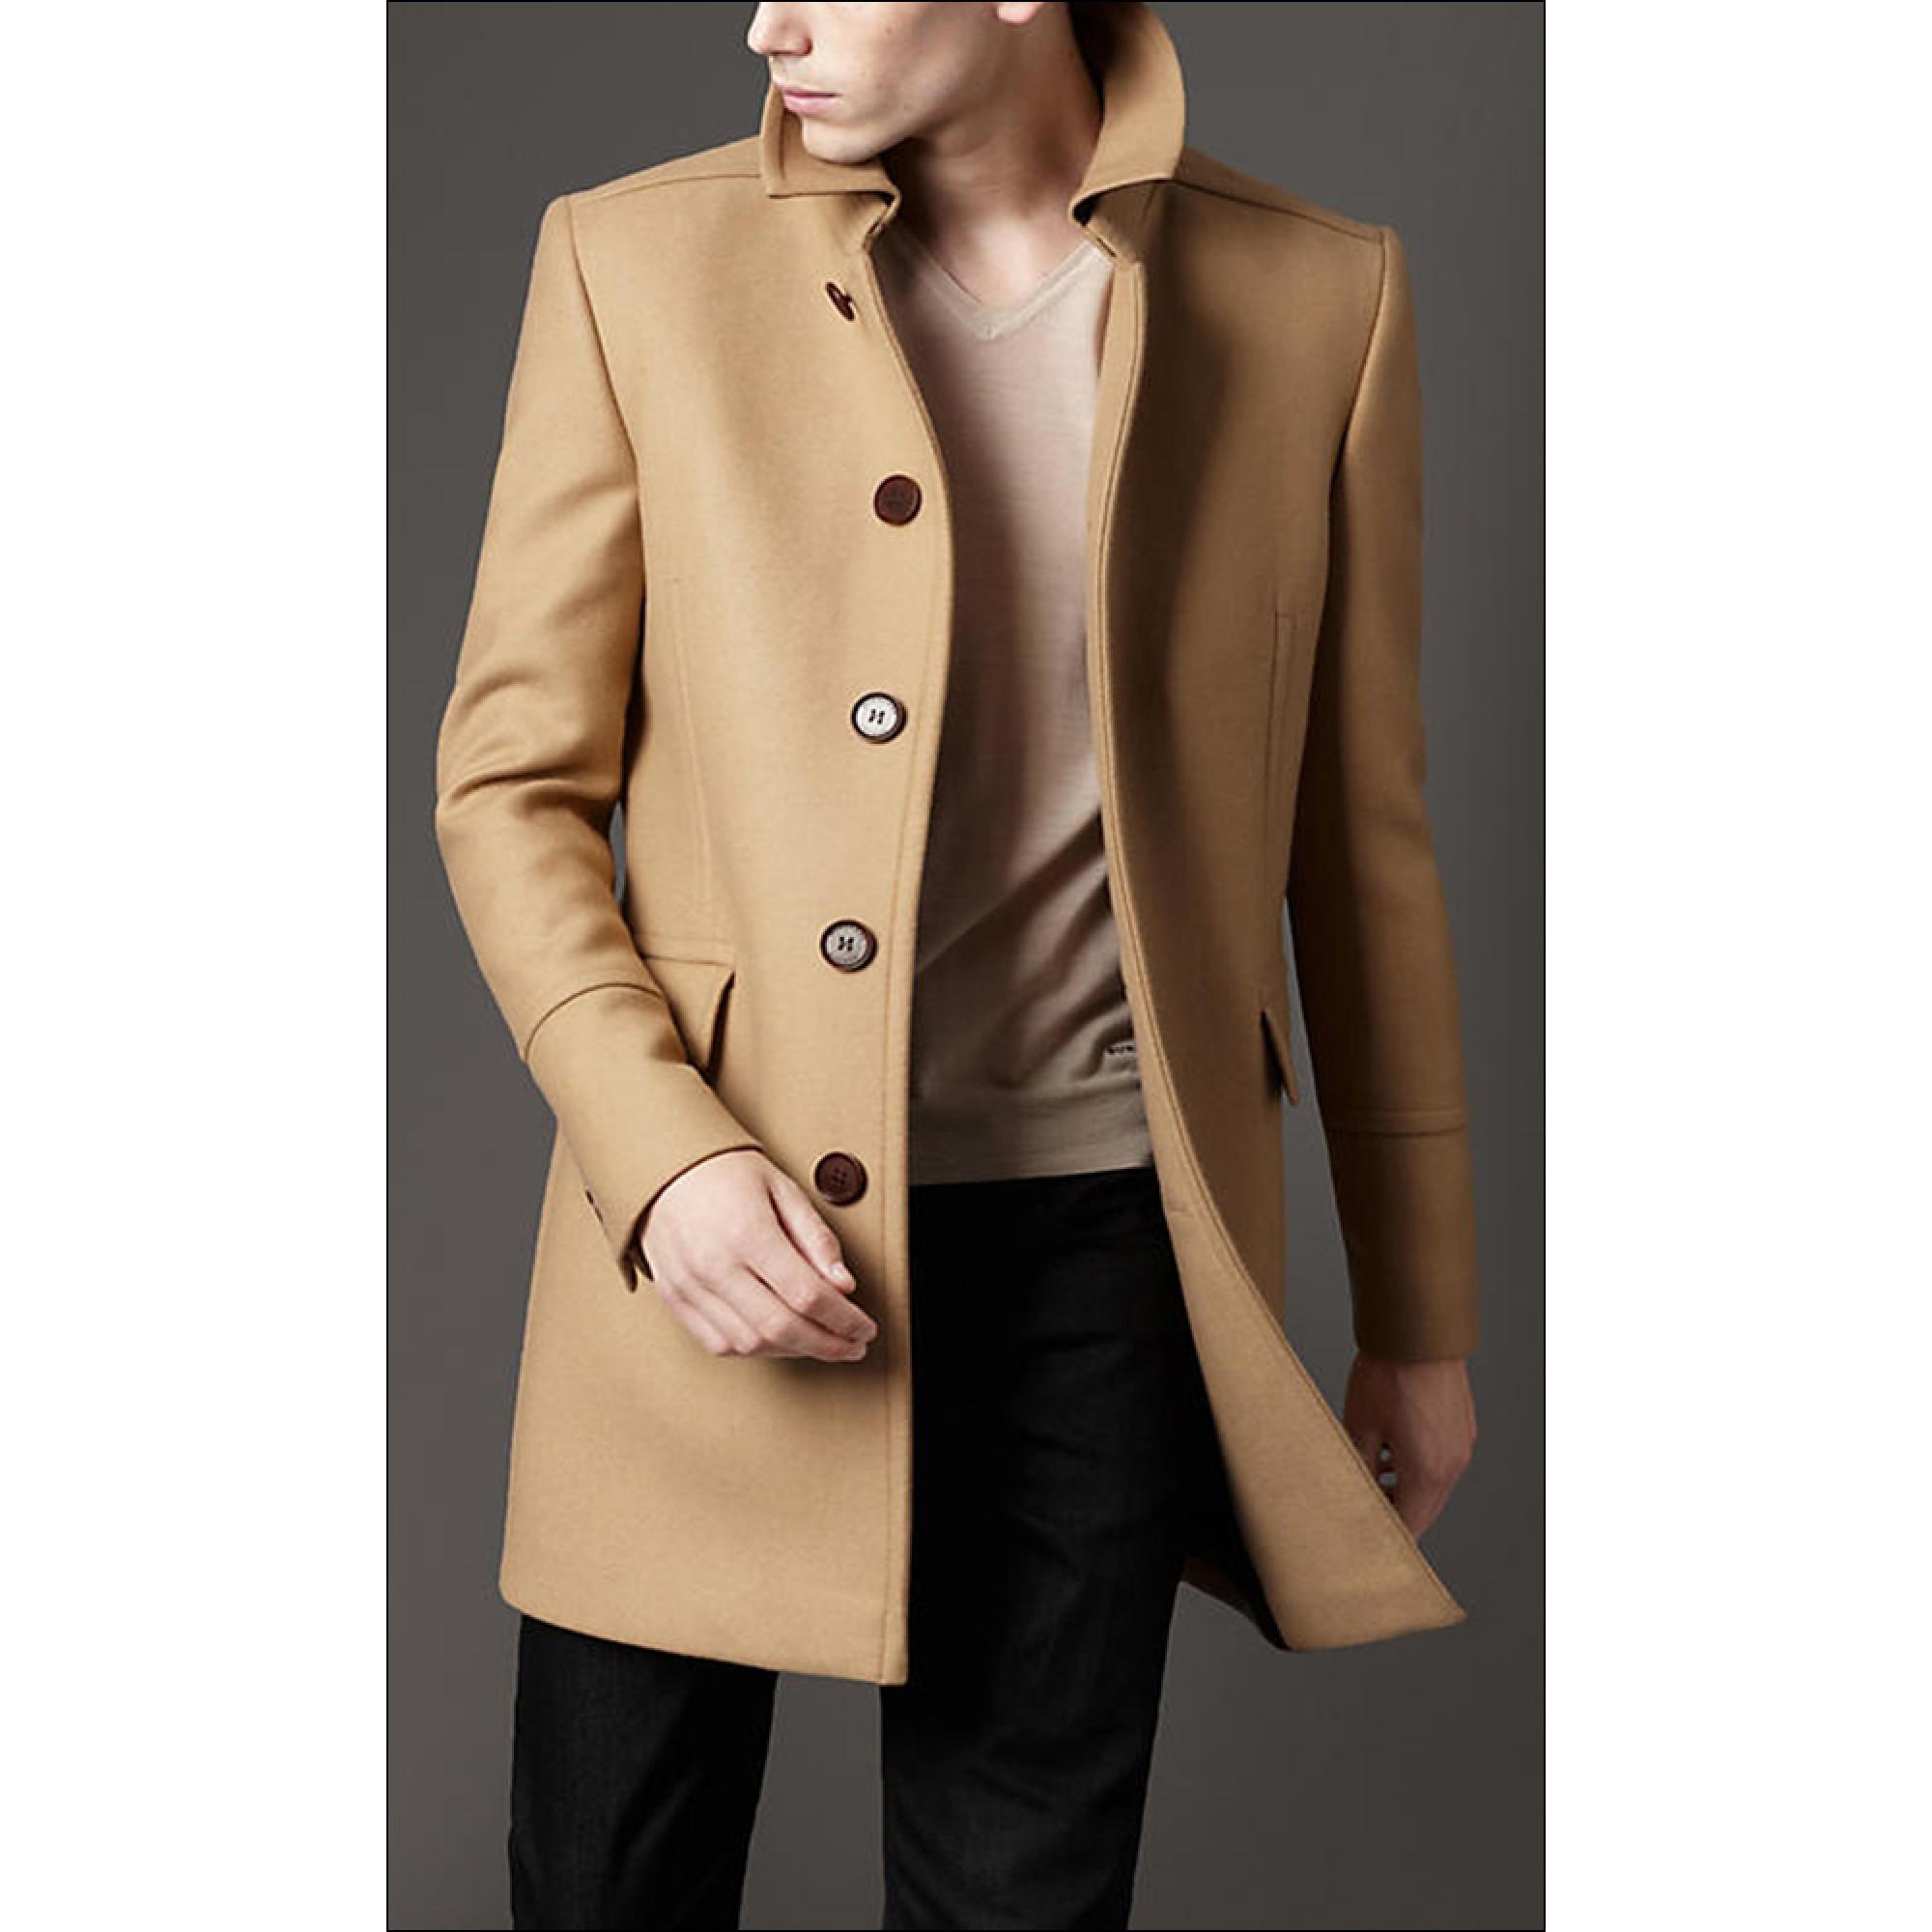 Купить бежевое мужское пальто burberry — в Киеве, код товара 7679 41f869d019c